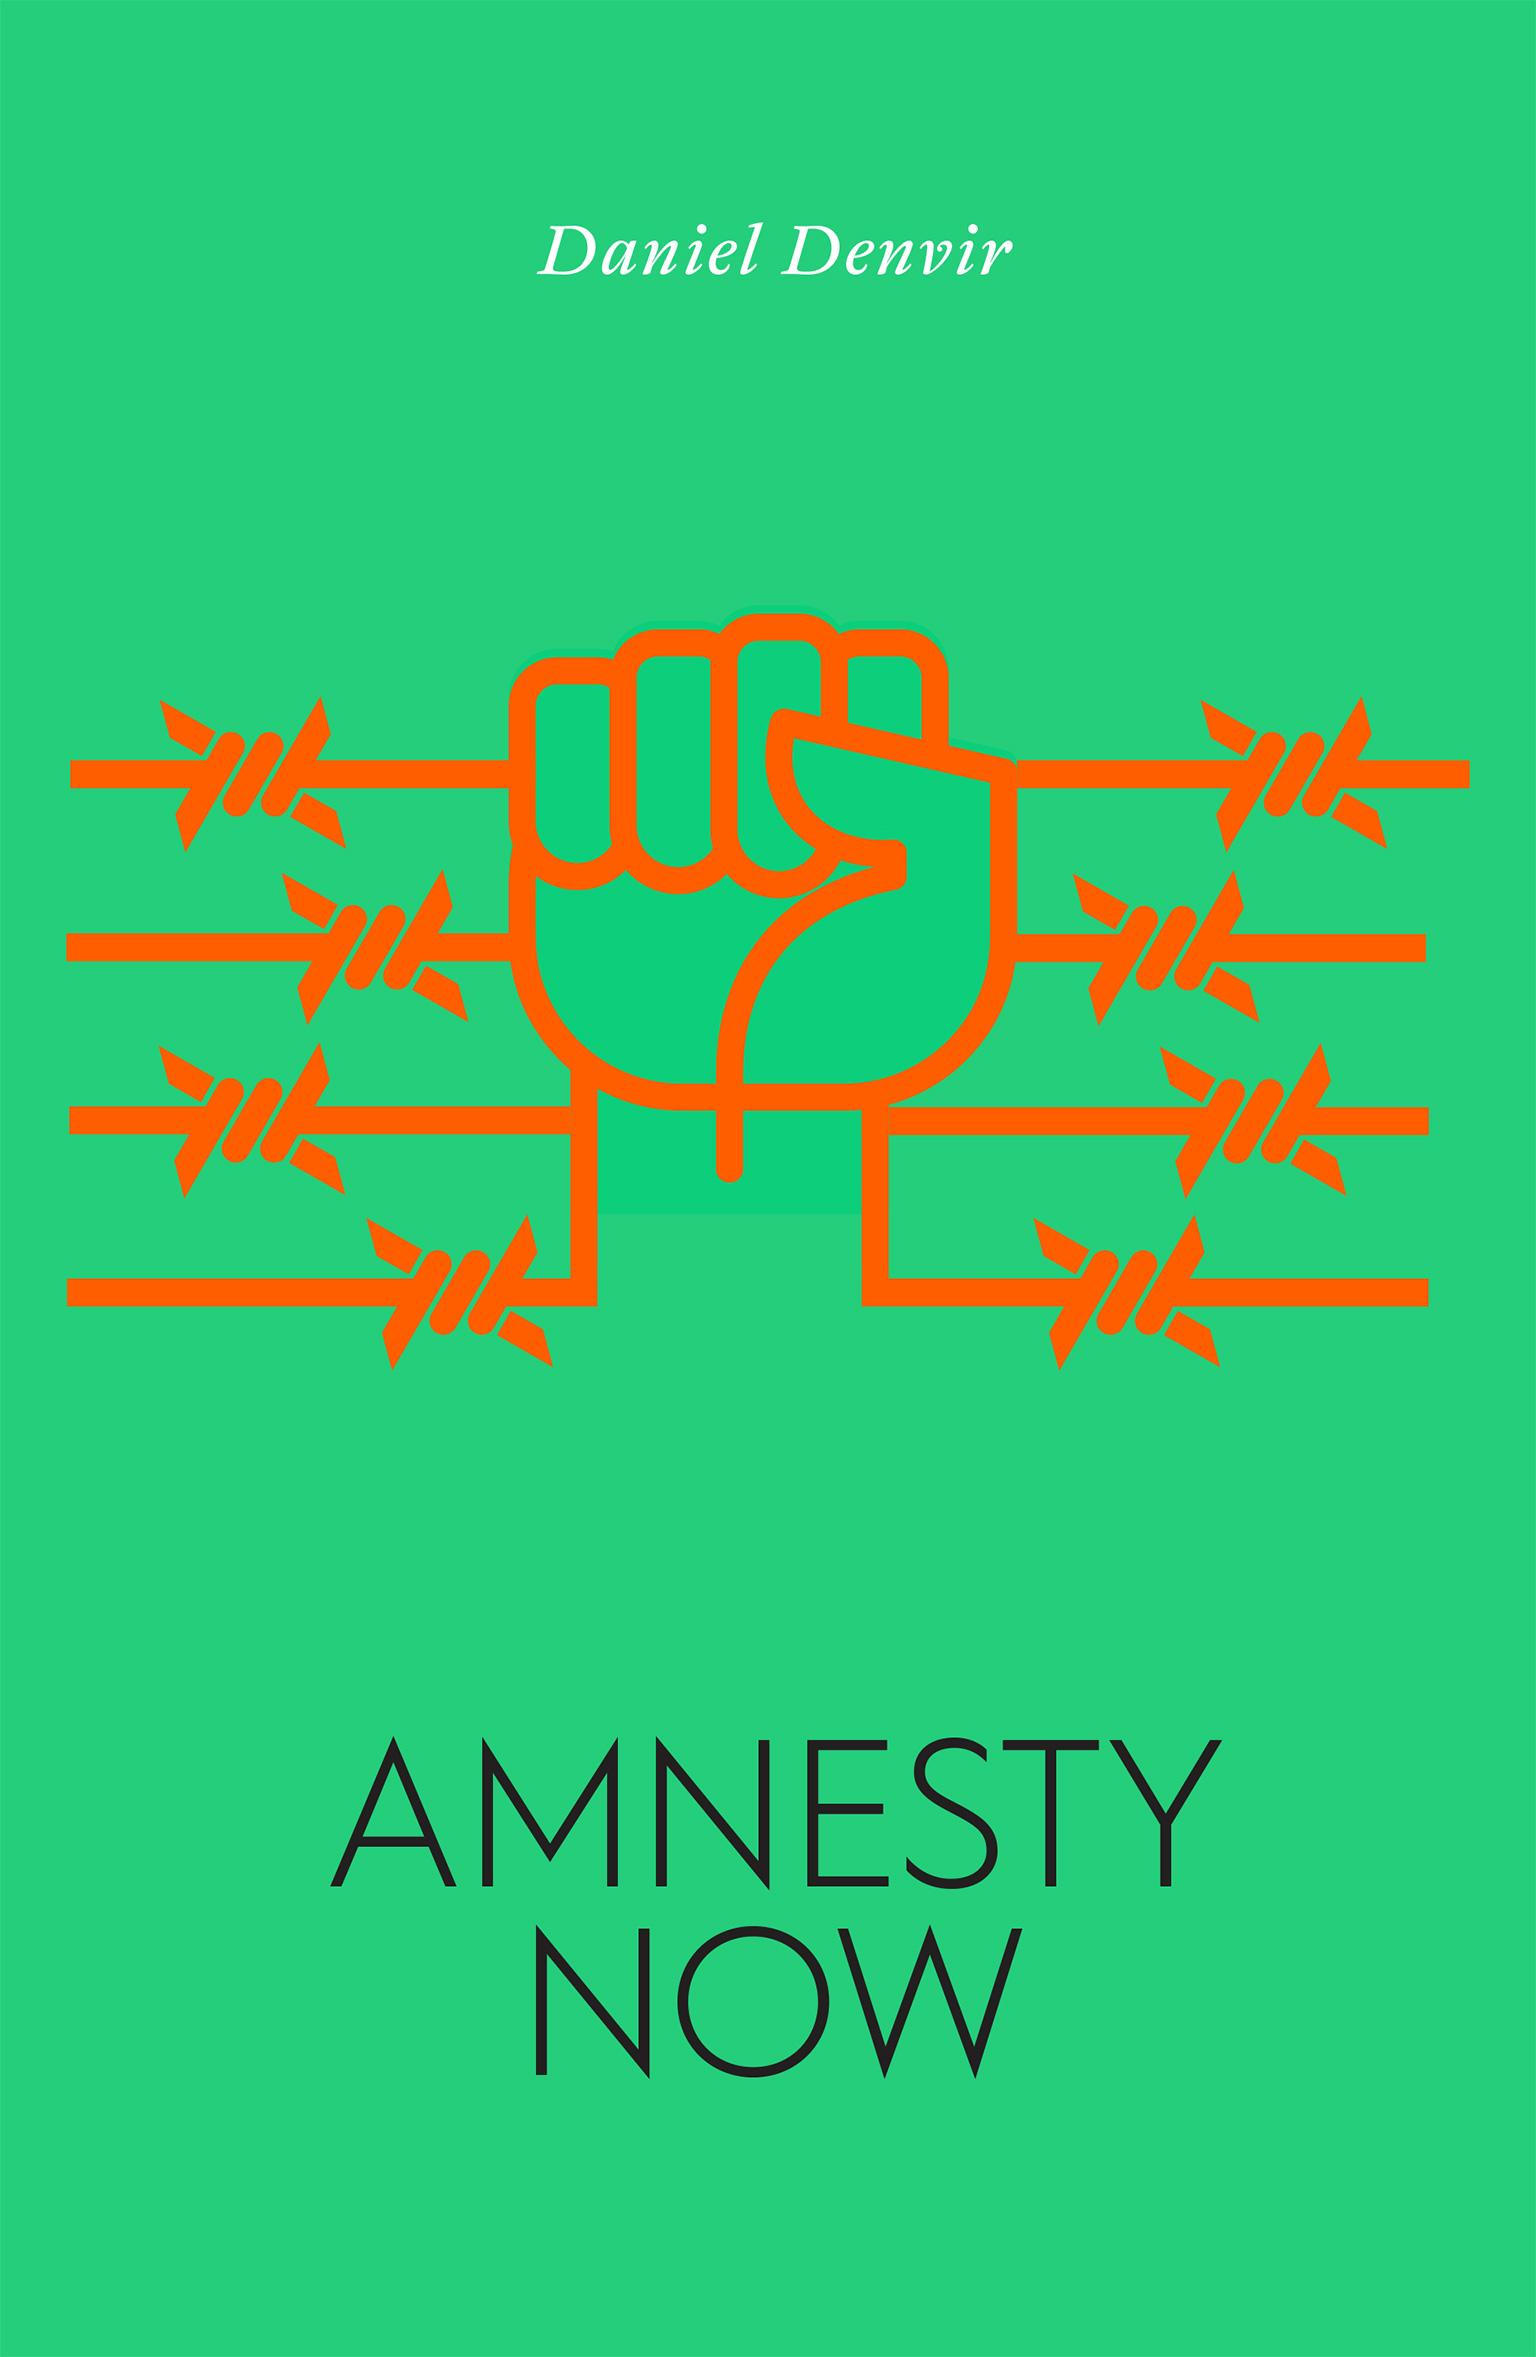 Denvir---amnesty-now